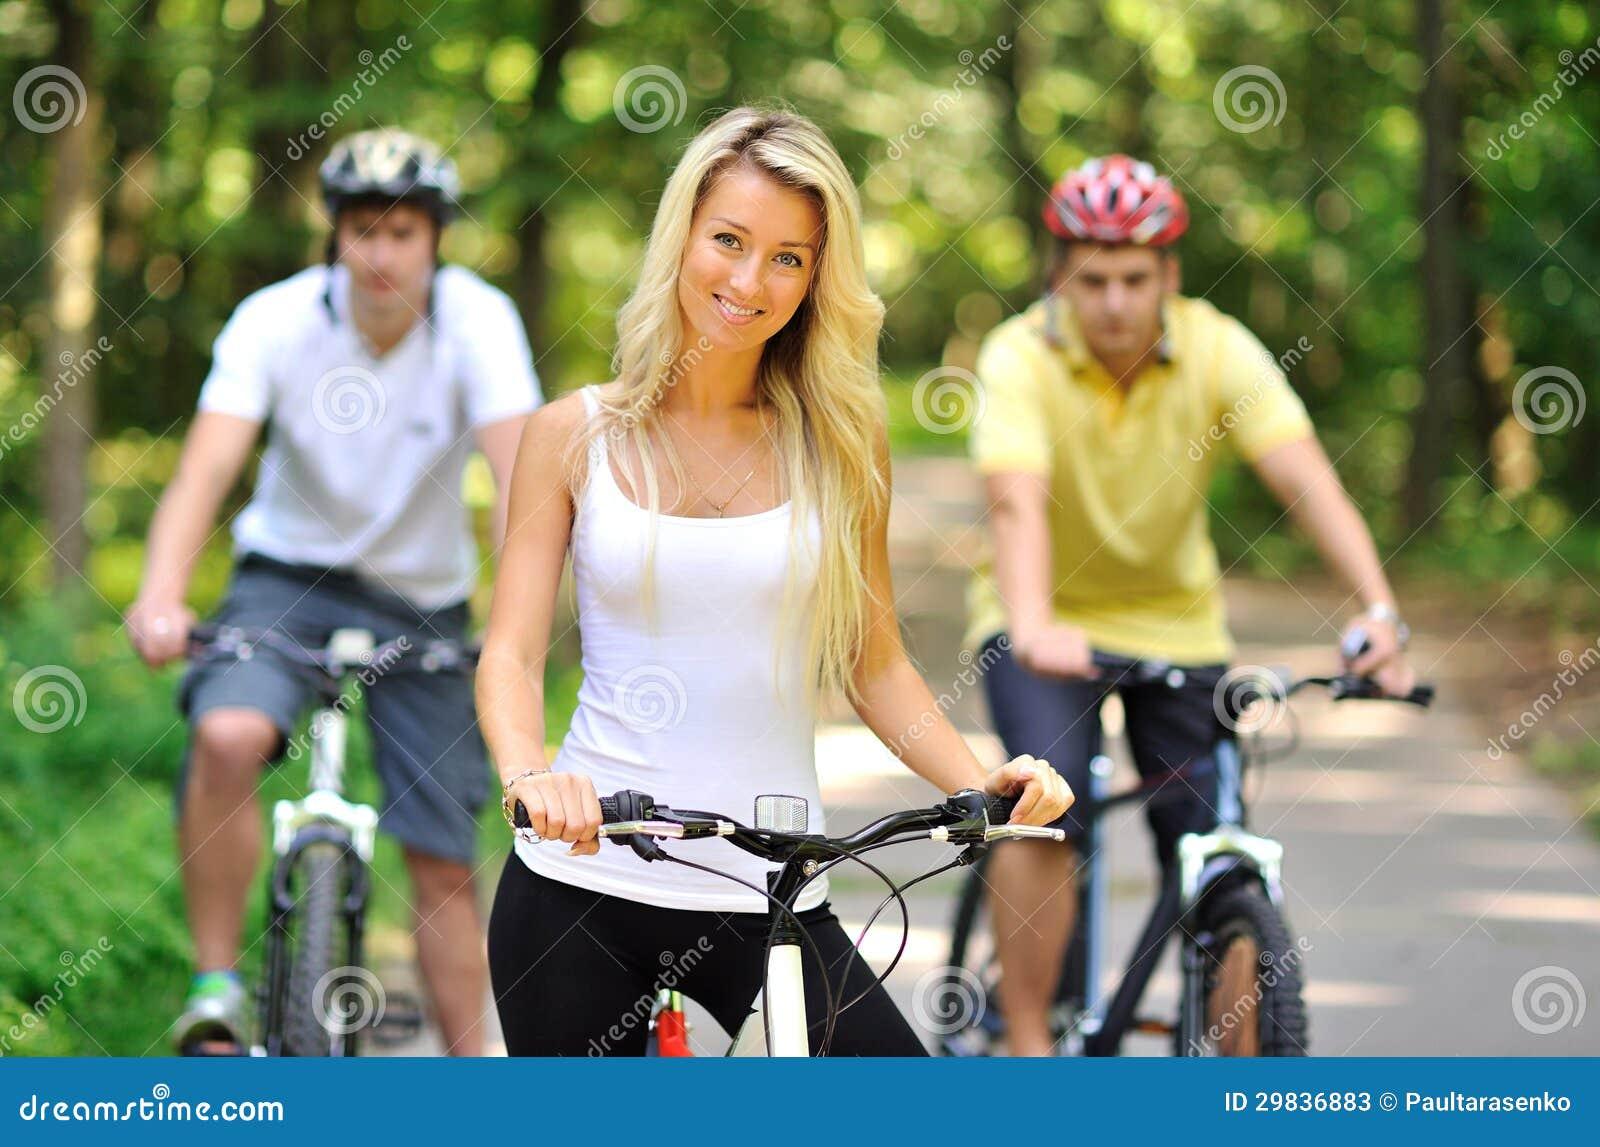 Portret van aantrekkelijke jonge vrouw op fiets en twee mannen erachter